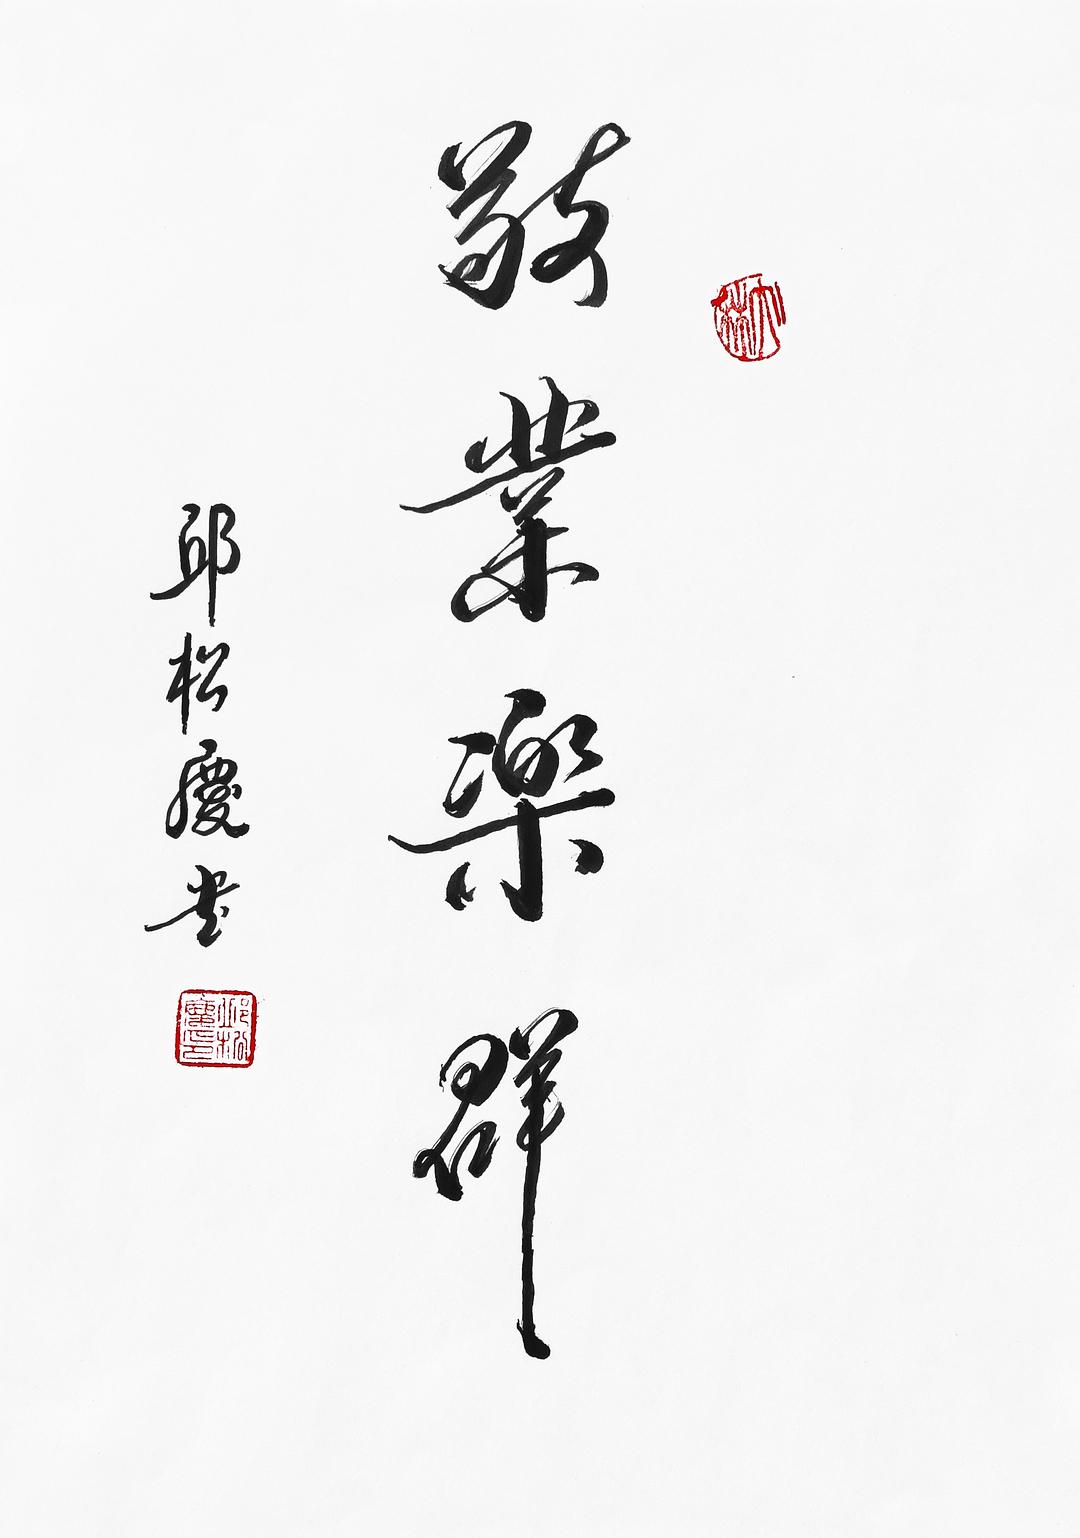 《敬业乐群》29.7x21cm 行书 纸本墨笔 2018年